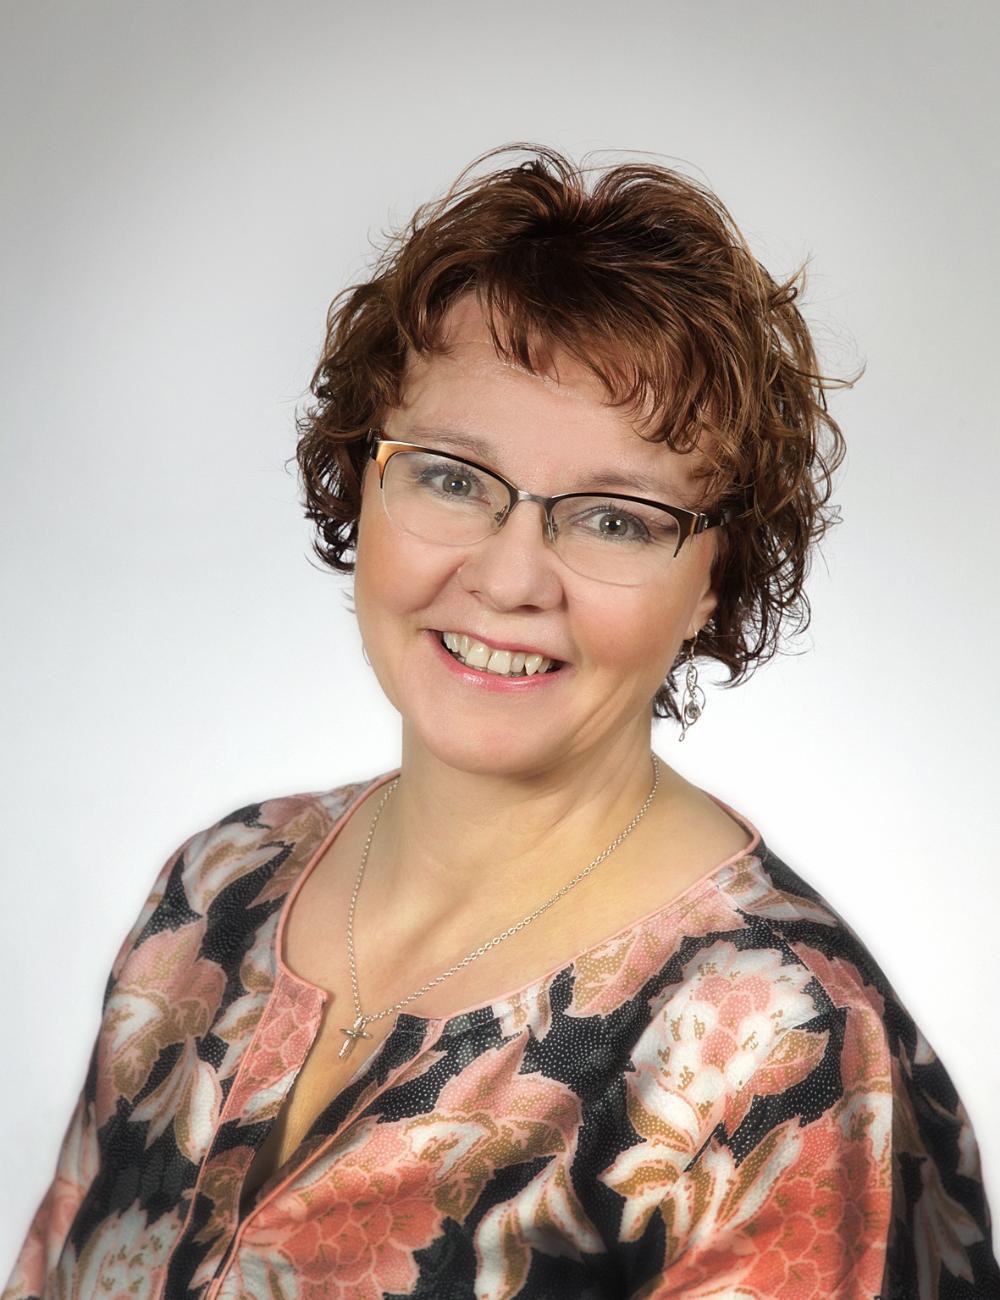 Leena Haikonen